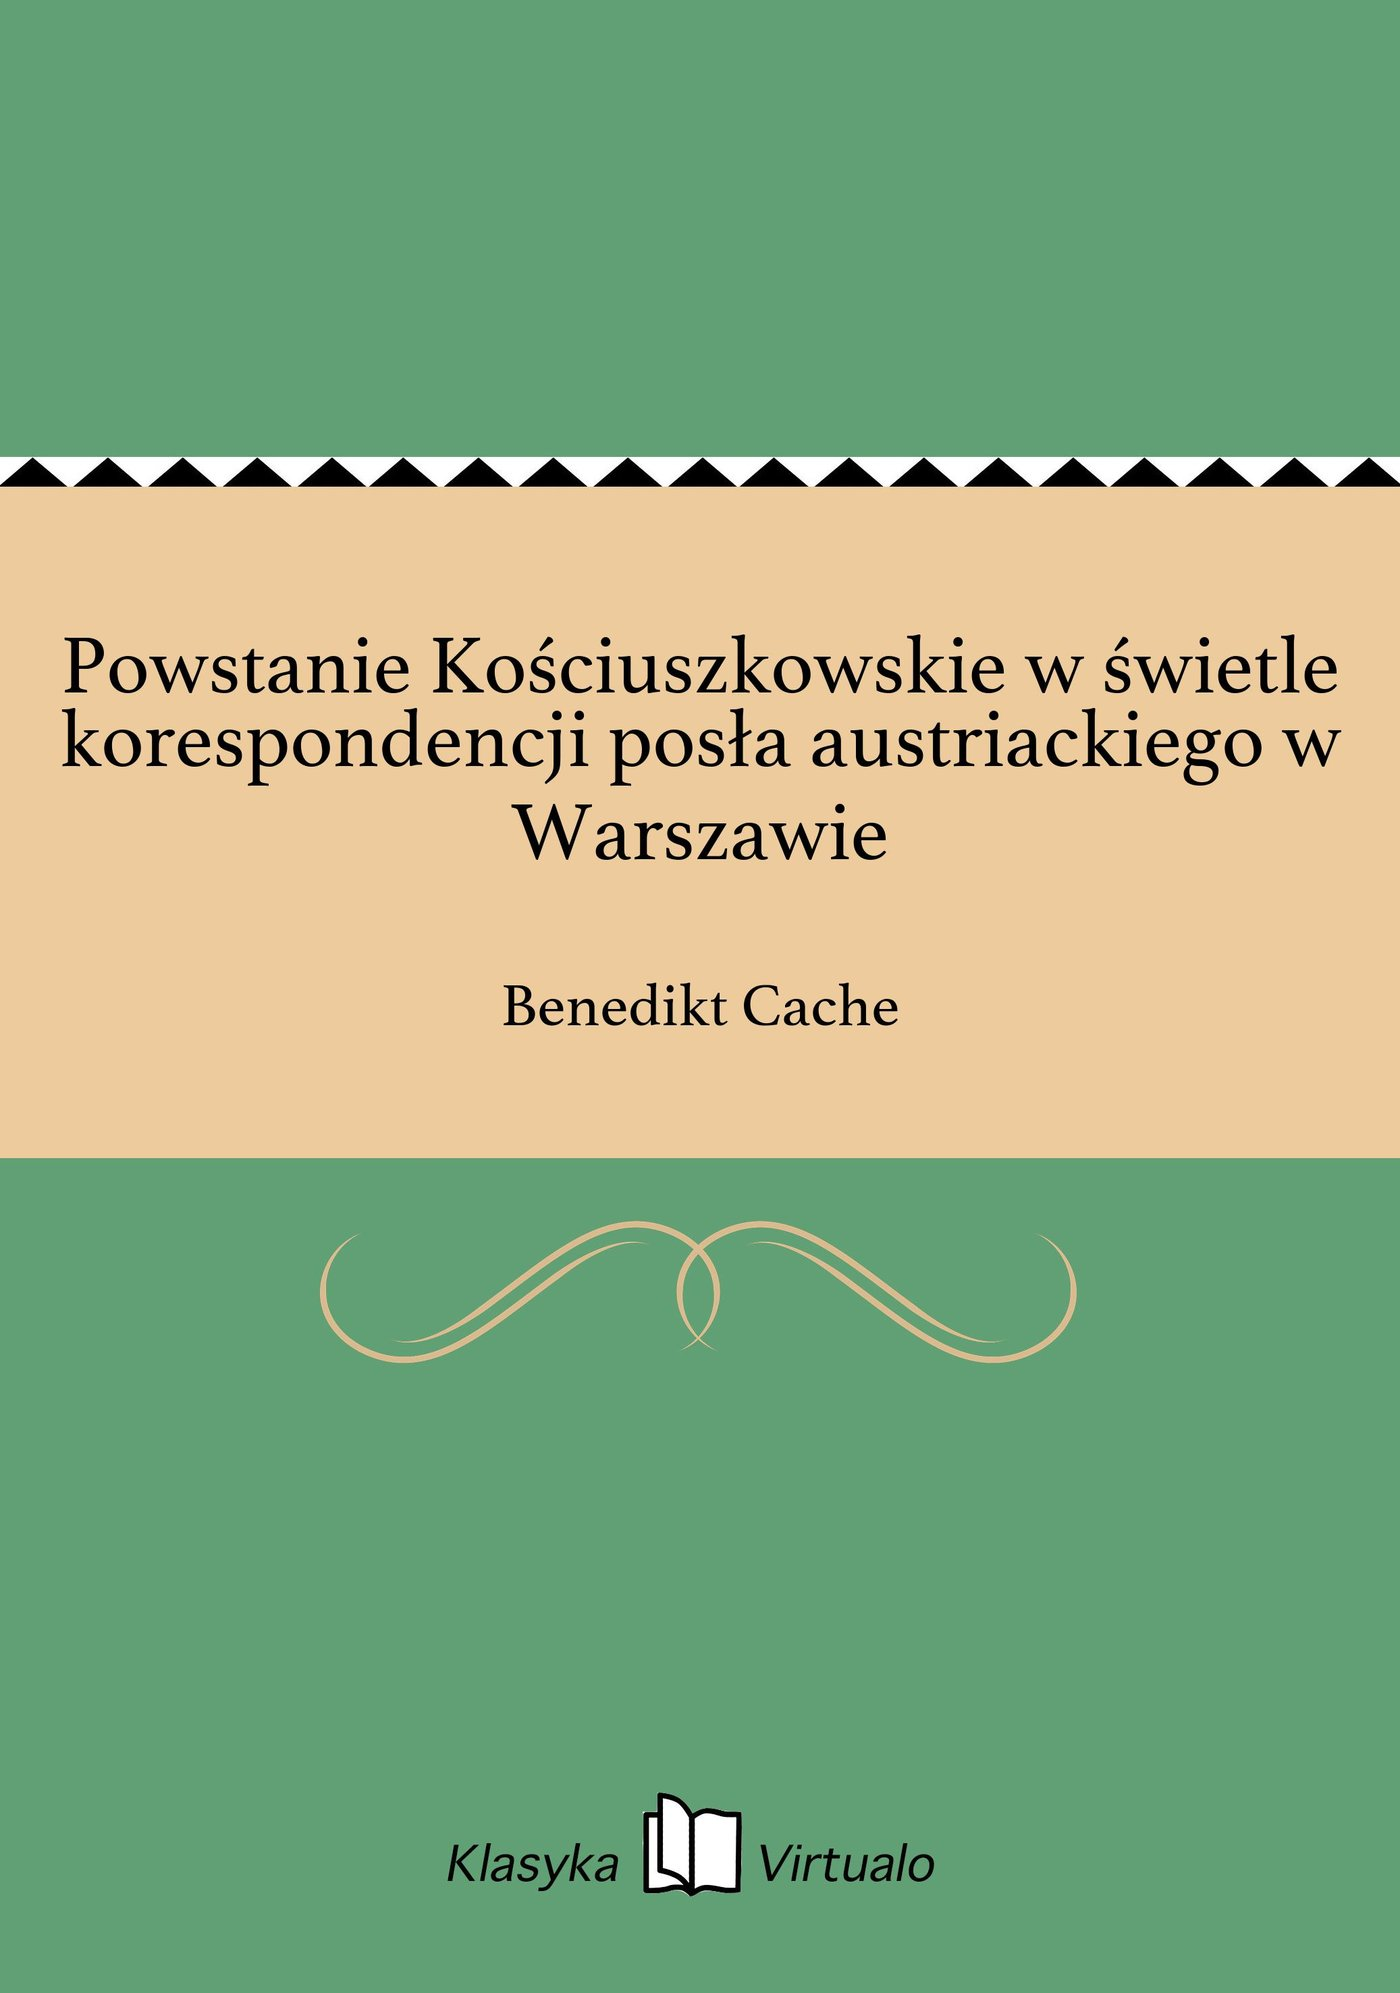 Powstanie Kościuszkowskie w świetle korespondencji posła austriackiego w Warszawie - Ebook (Książka EPUB) do pobrania w formacie EPUB